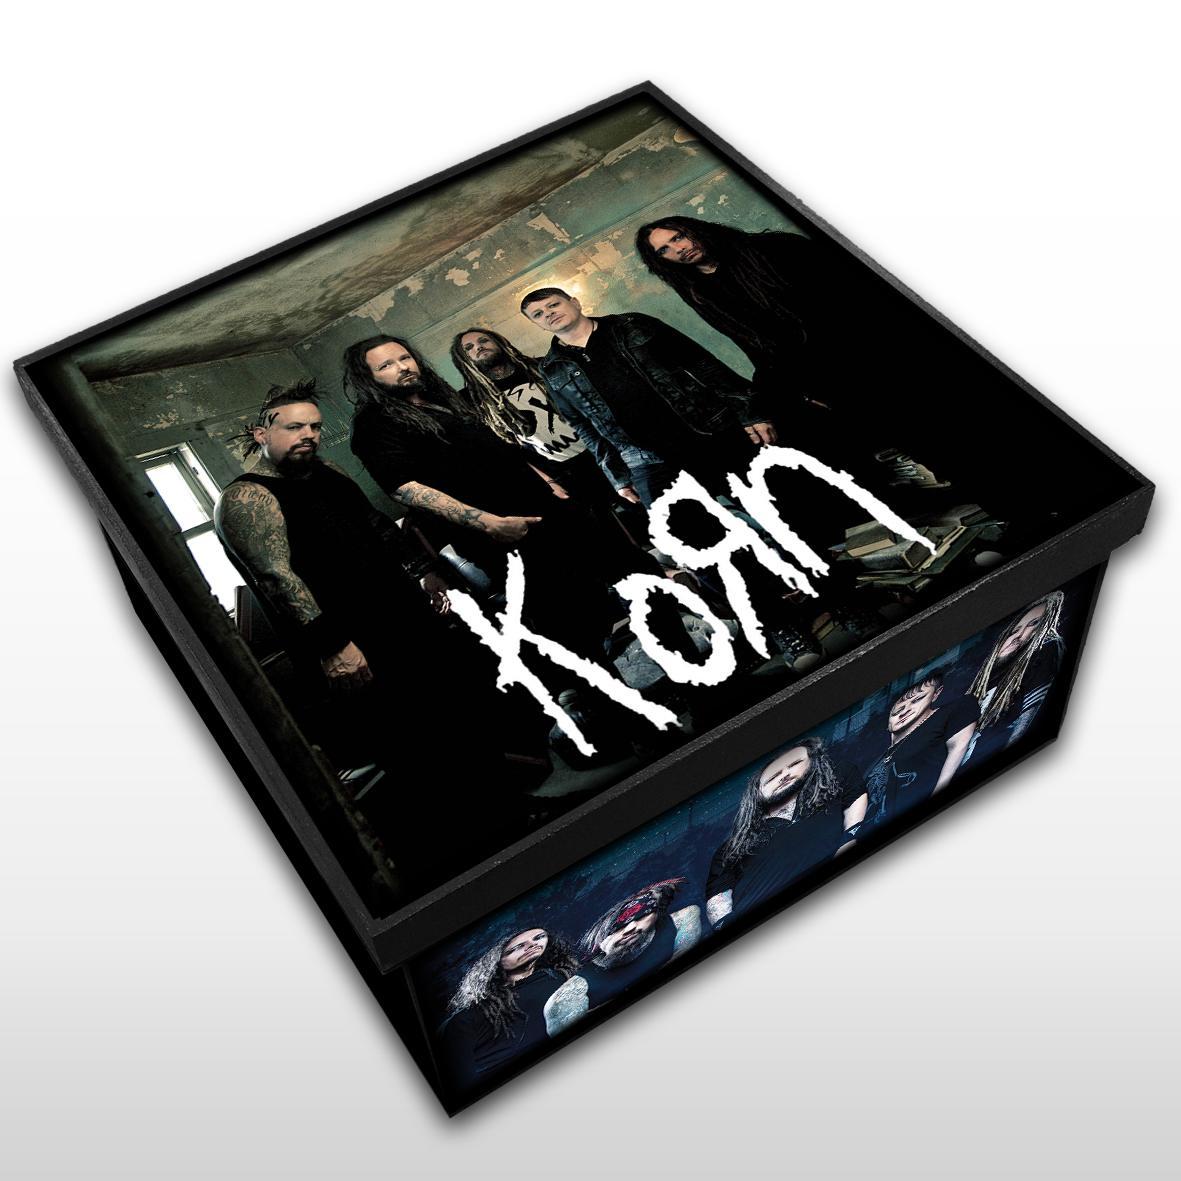 Korn - Caixa Organizadora em Madeira MDF - Tamanho Médio - Mr. Rock